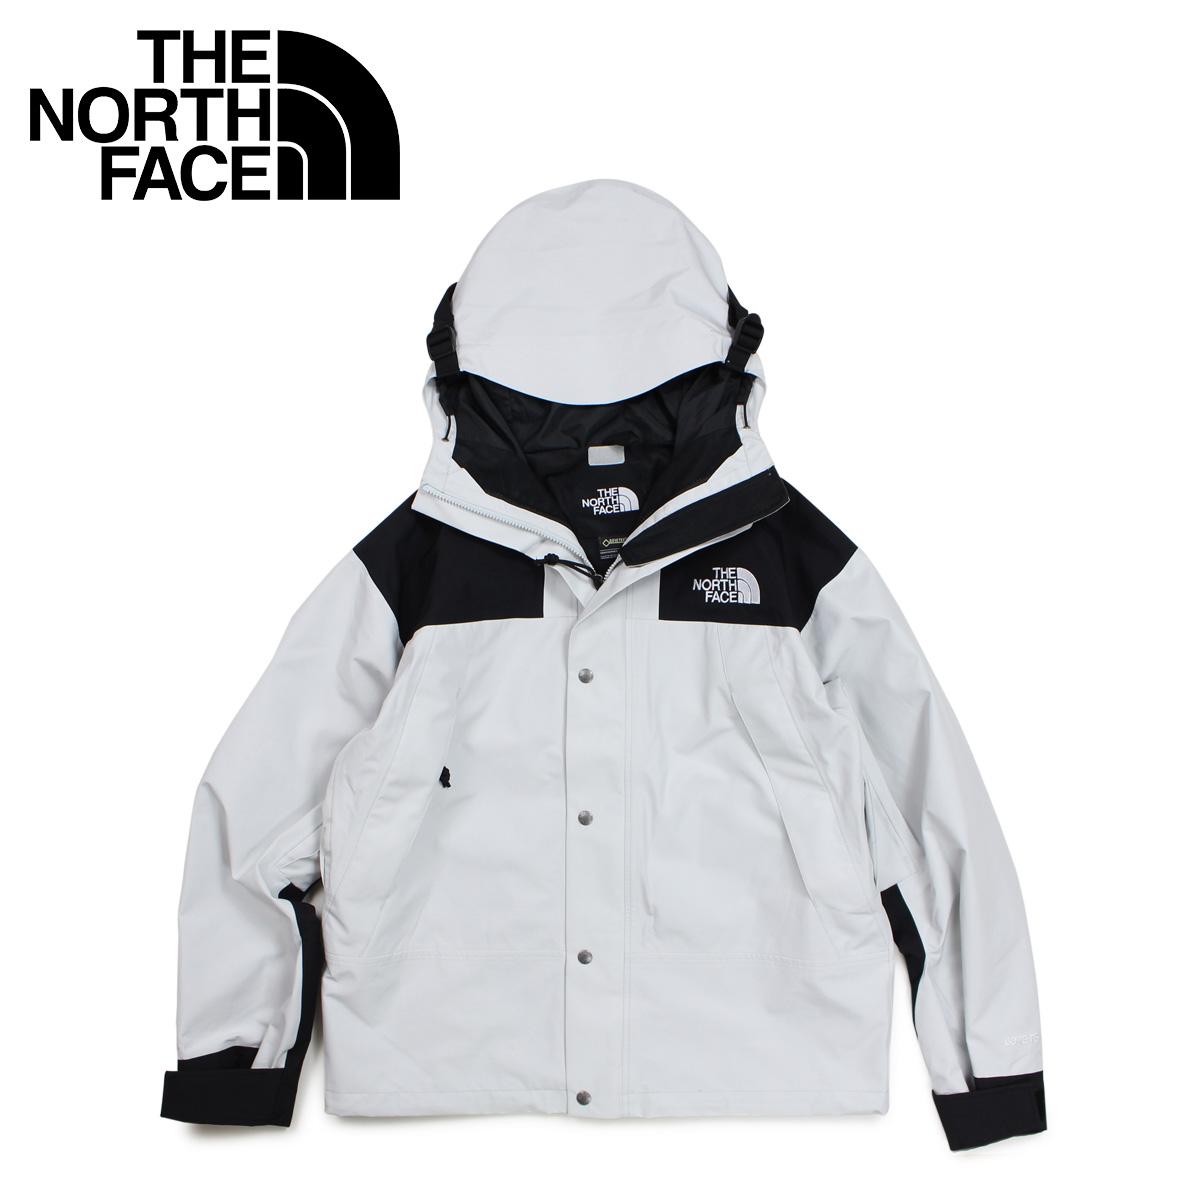 THE NORTH FACE ノースフェイス ジャケット マウンテンパーカー メンズ ゴアテックス MENS 1990 MOUNTAIN JACKET GTX グレー NF0A3XCO9B8 [4/1 新入荷]